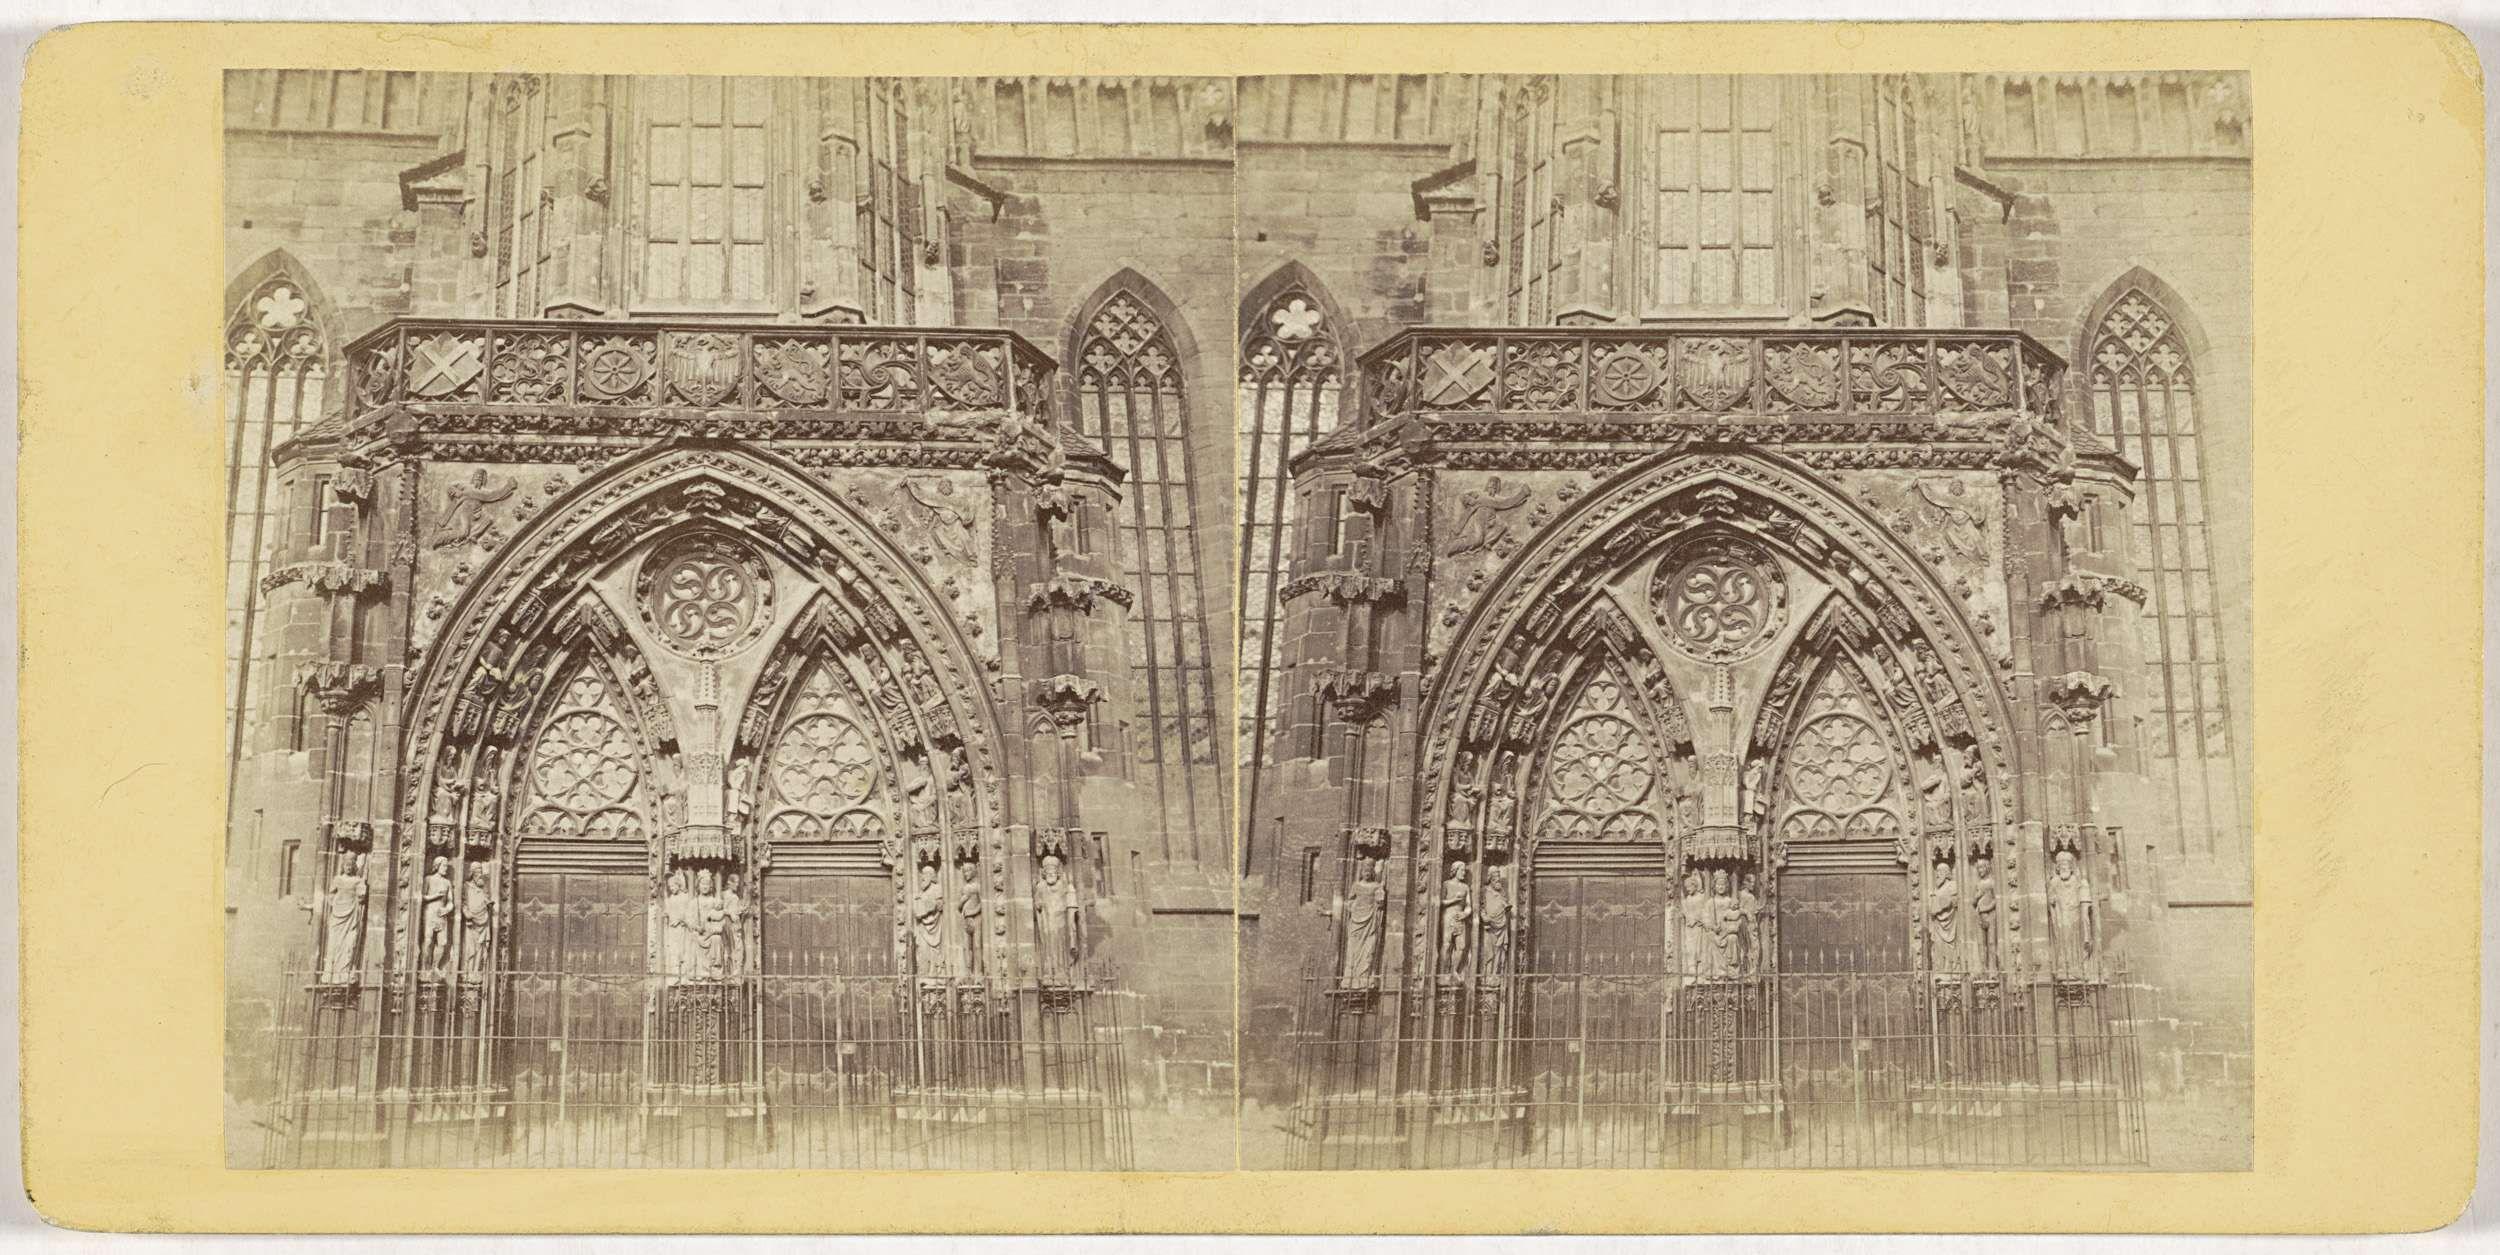 Johann Friedrich Stiehm | Nurnberg. Portal der Frauenkirche, Johann Friedrich Stiehm, E. Linde & Co, 1860 - 1890 |